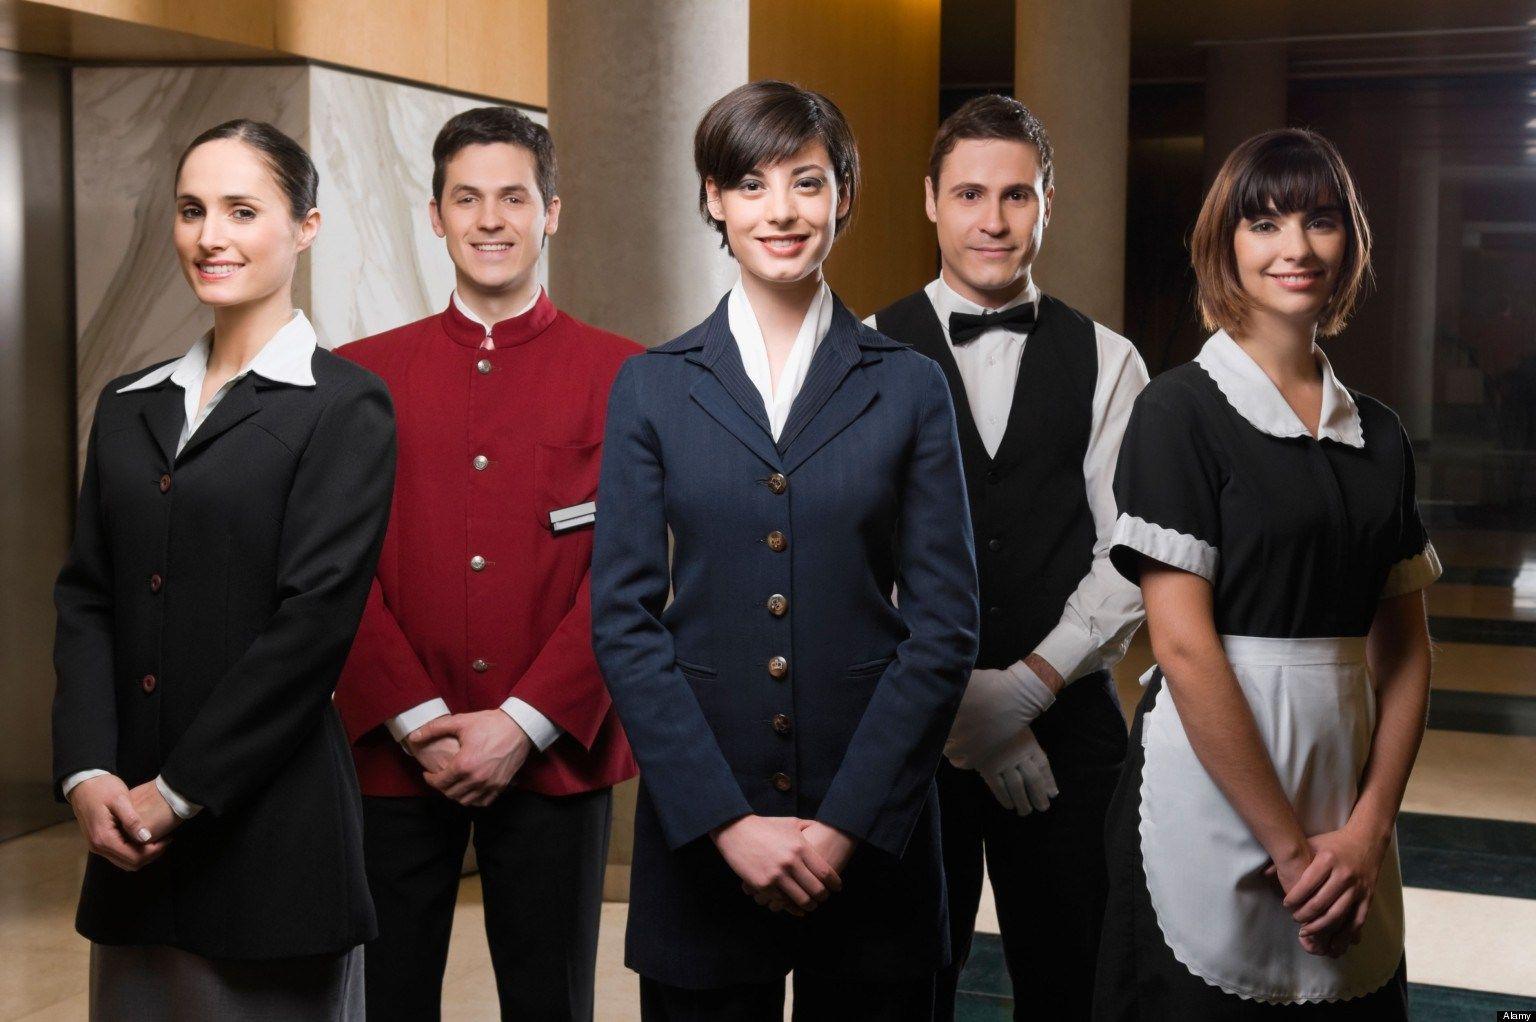 МИТГ готовит профессионалов туризма и гостеприимства на новых образовательных программах!